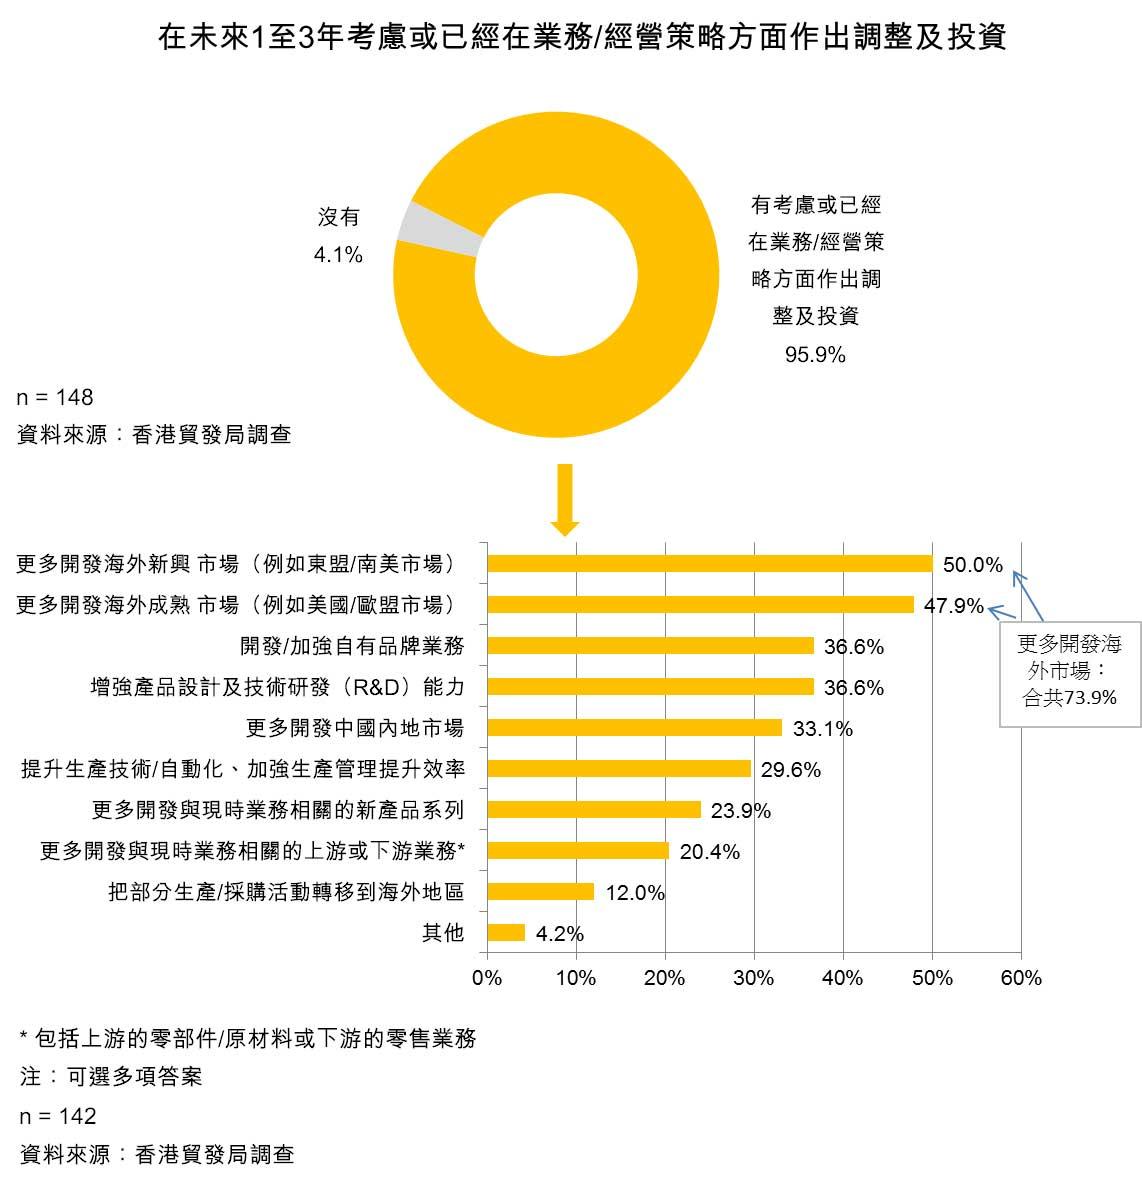 表:在未来1至3年考虑或已经在业务/经营策略方面作出调整及投资